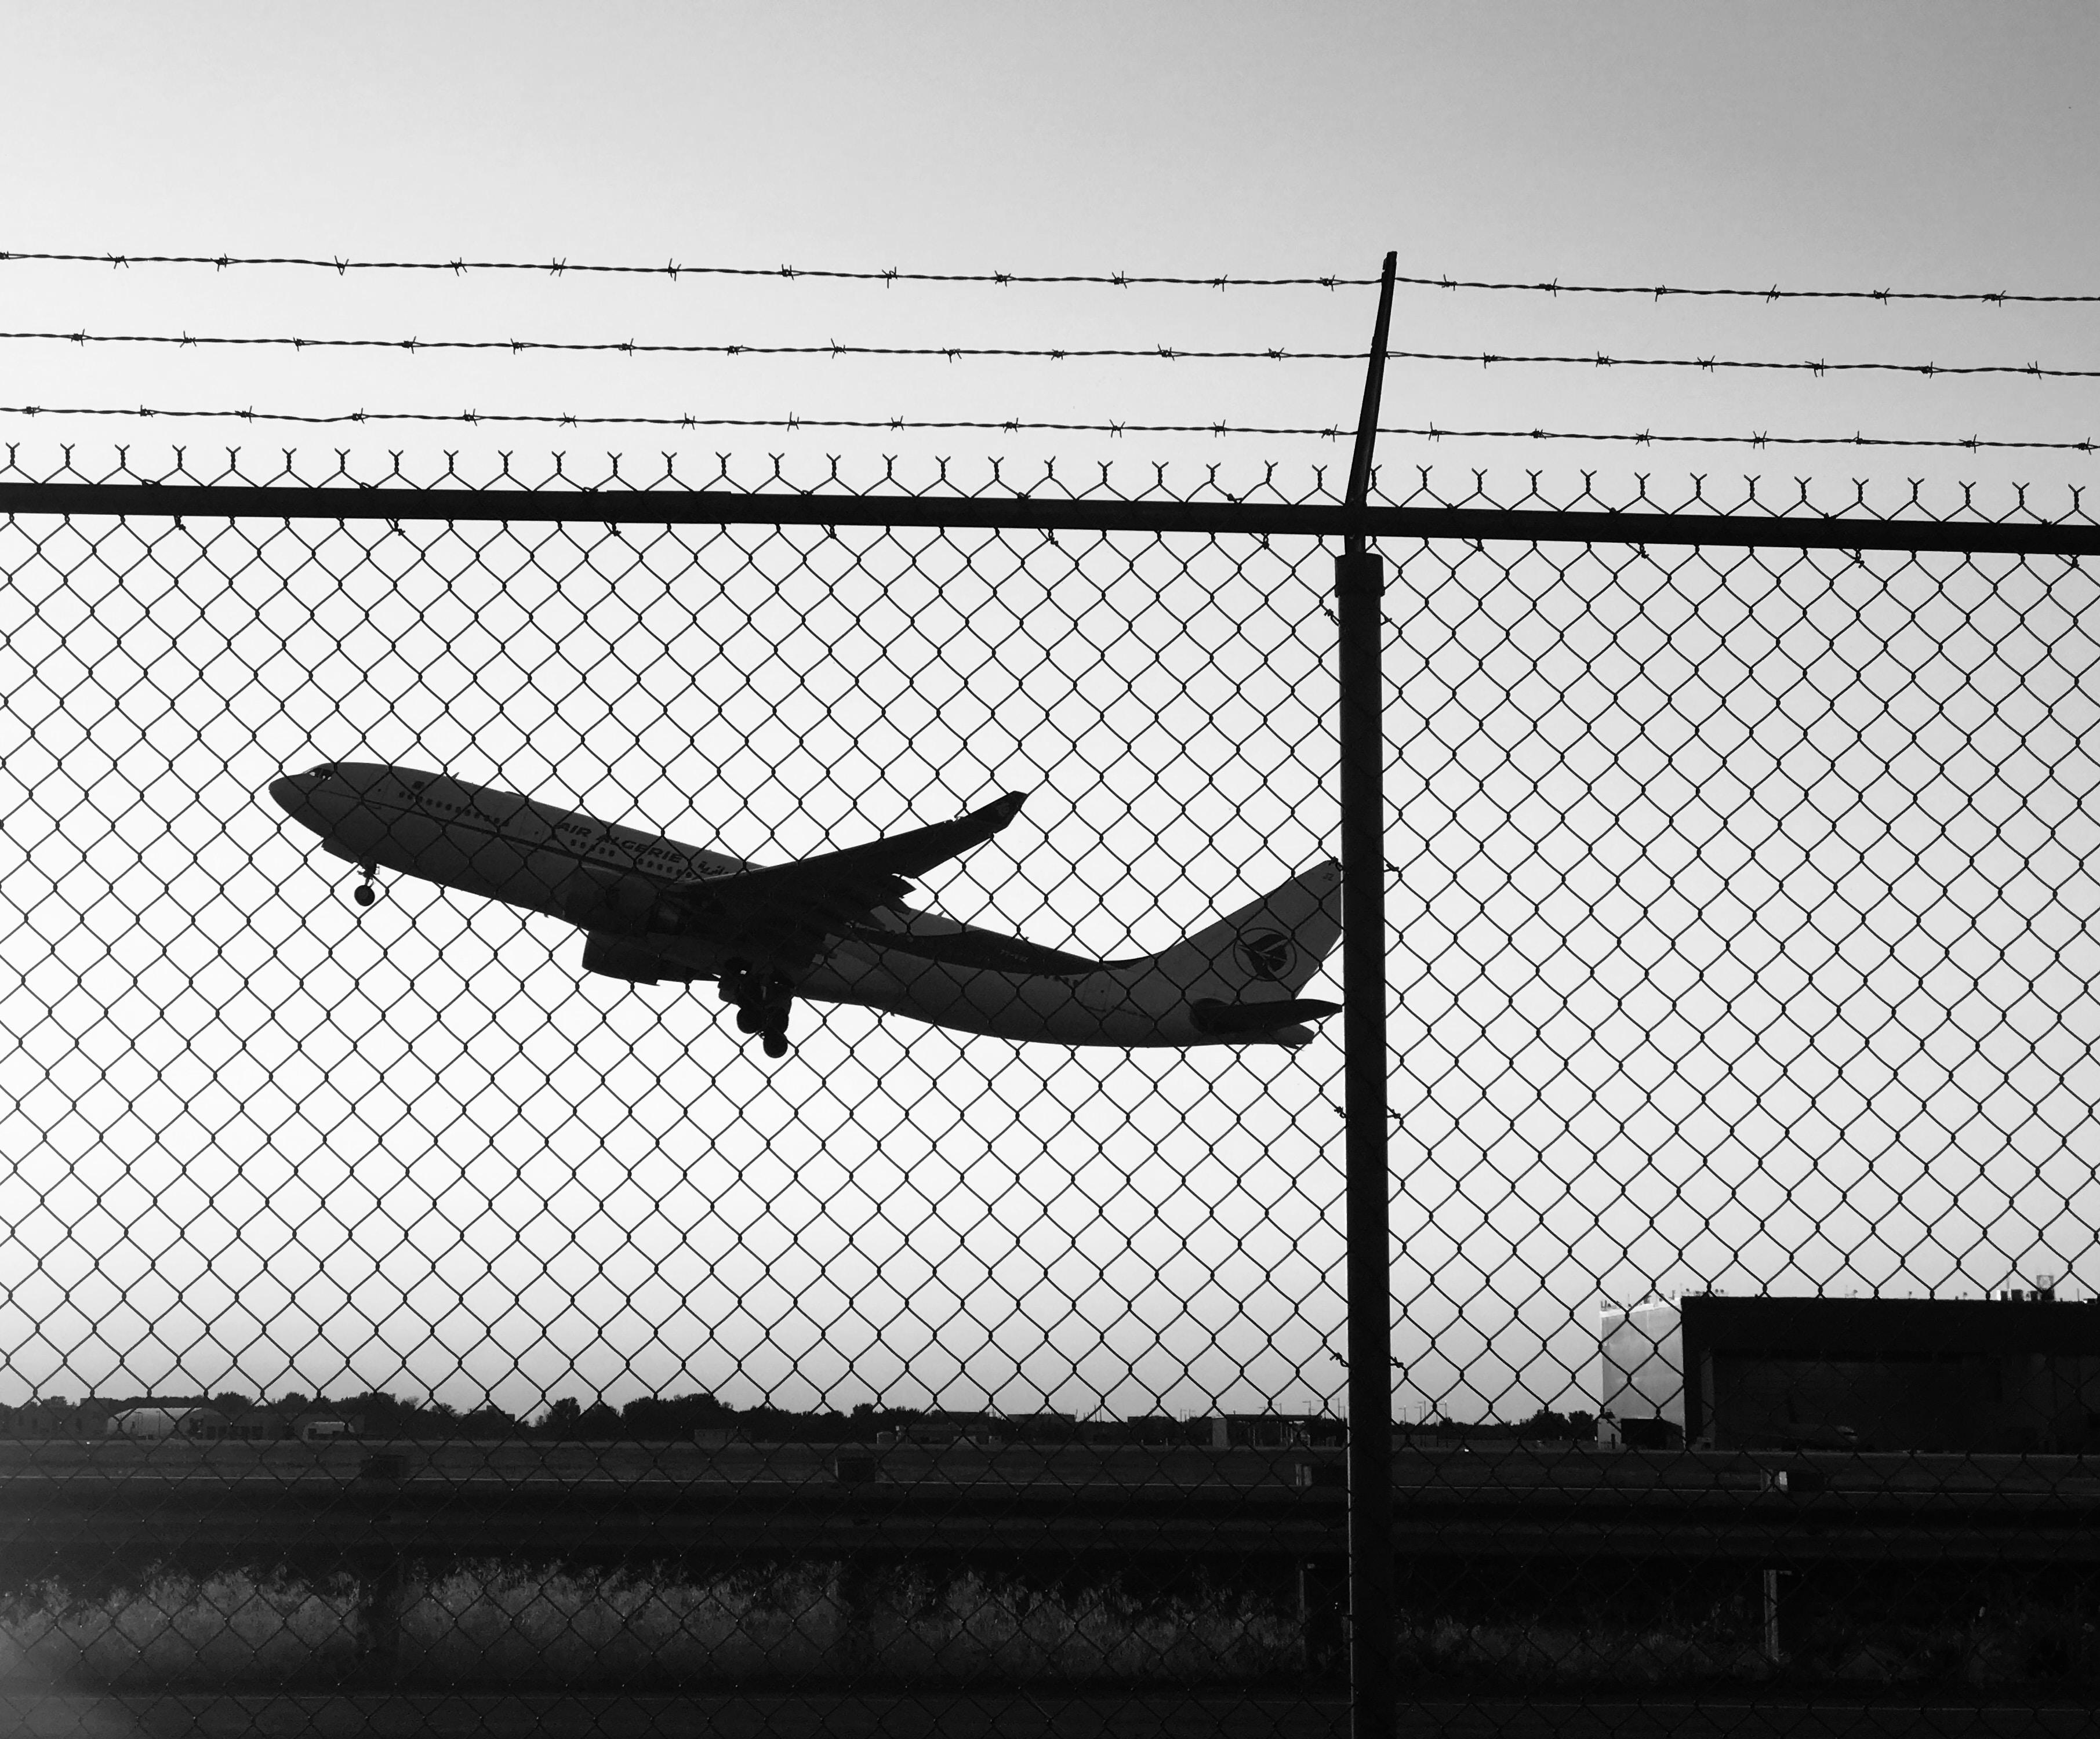 airplane taking off during daytime